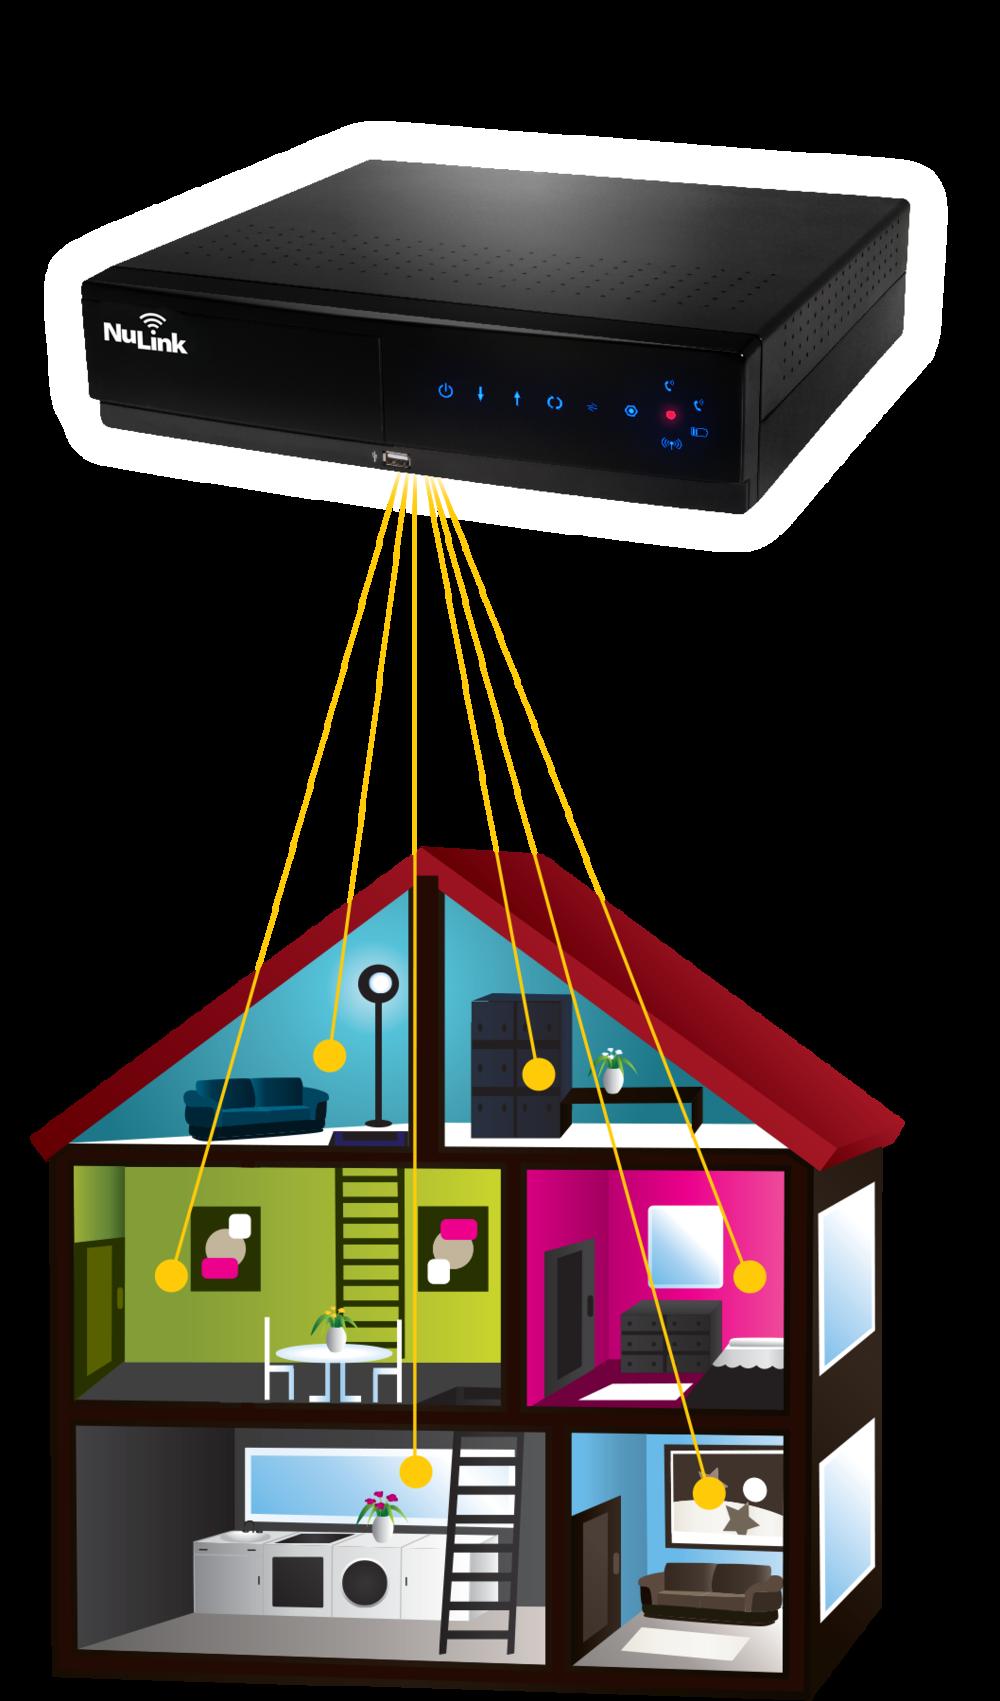 Home DVR image